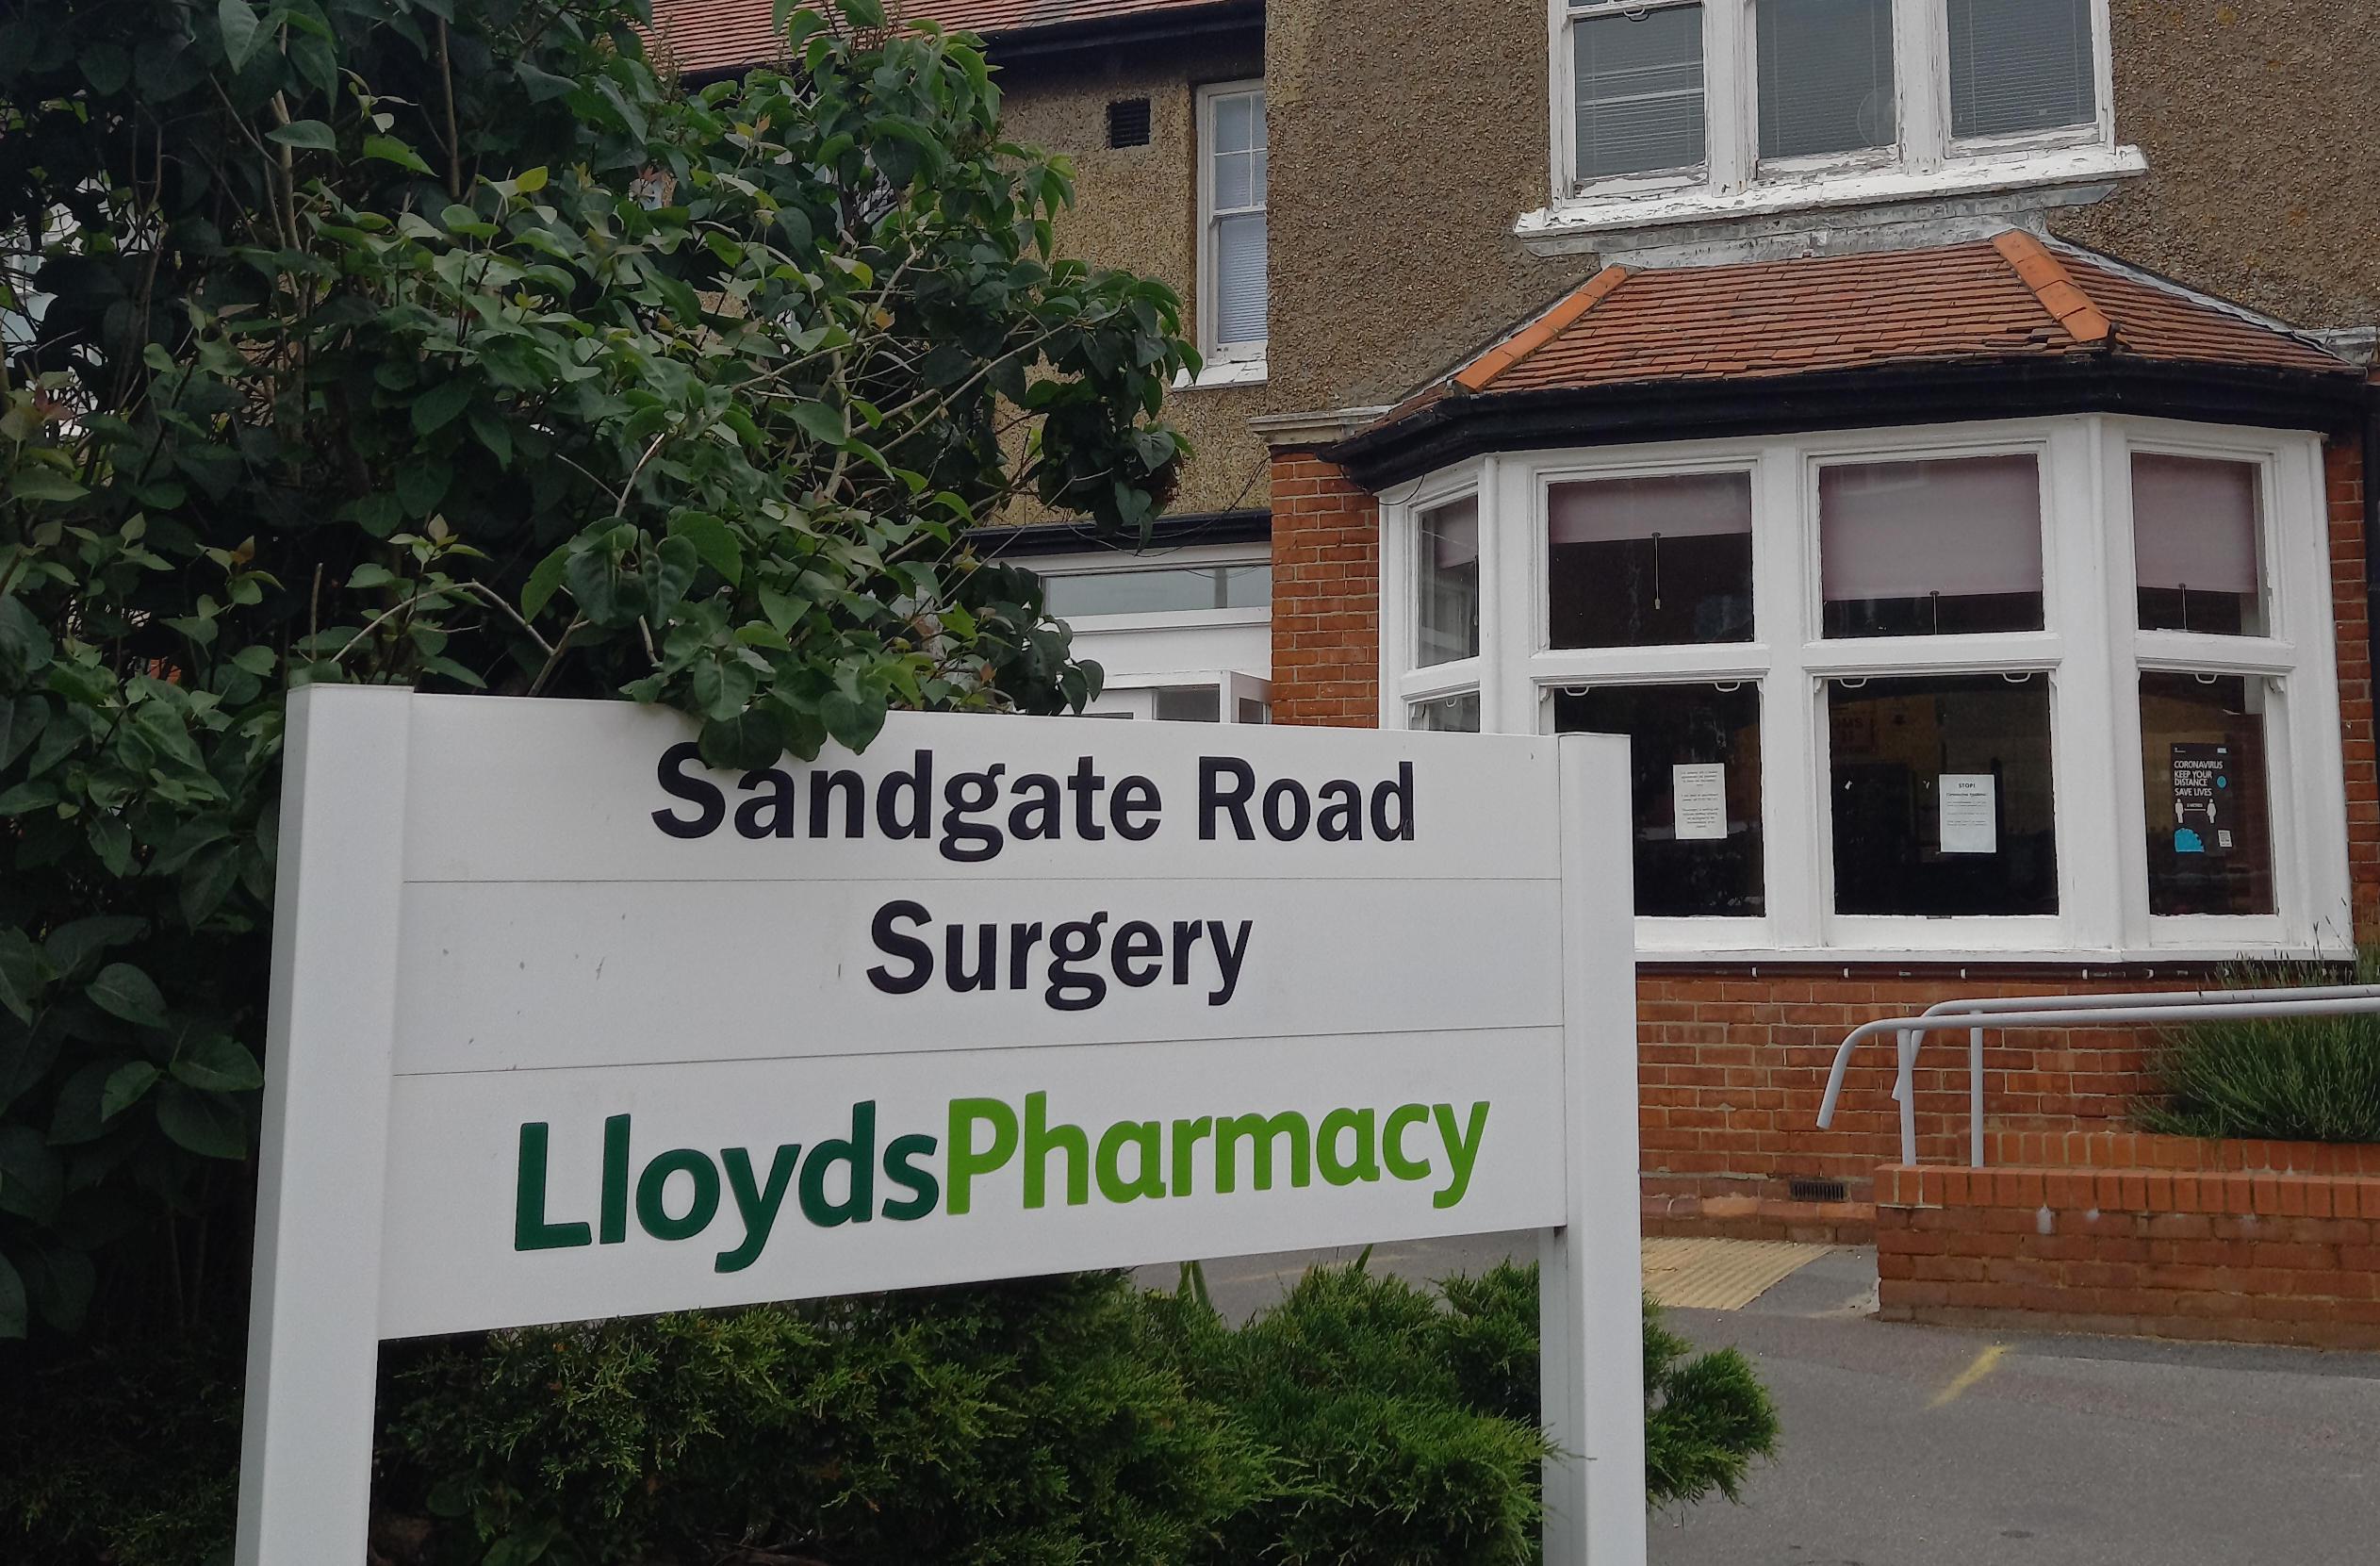 Sandgate Road Surgery Practicalities